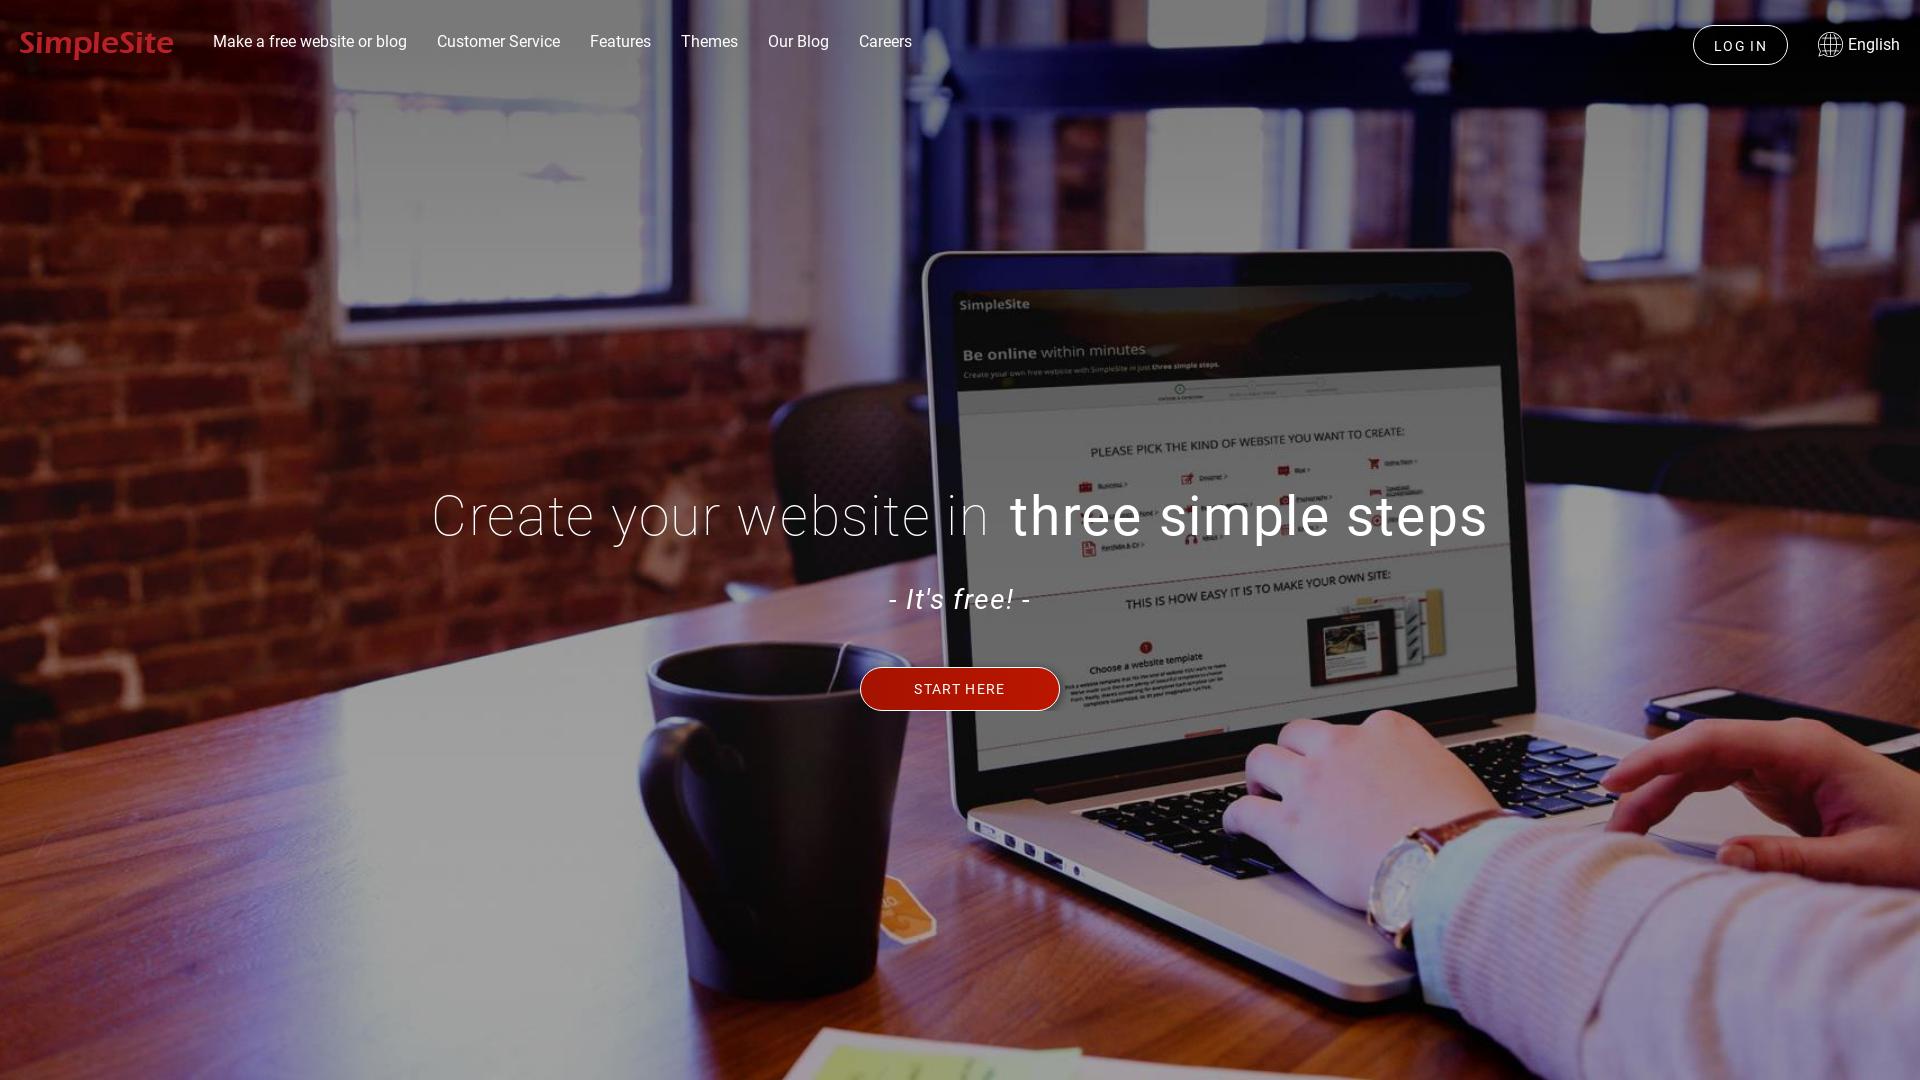 Simplesite.com INT website